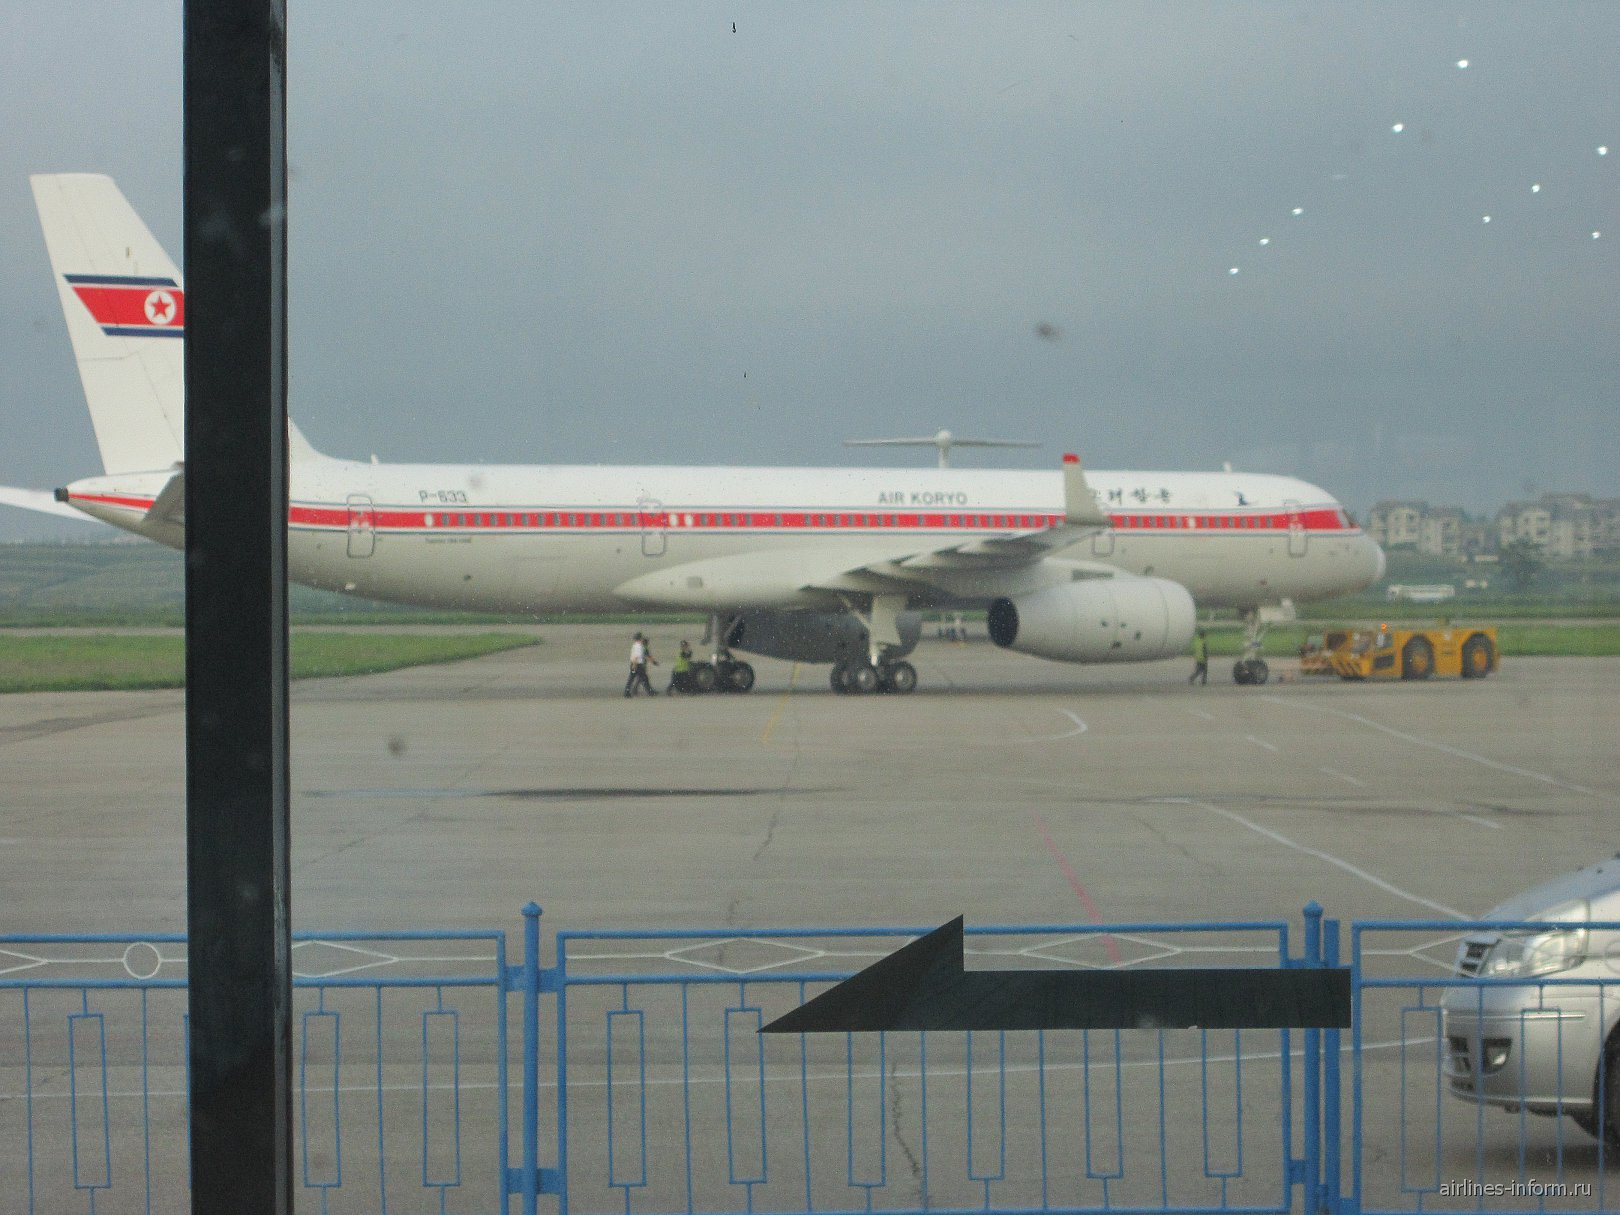 через неделю летим назад, наш борт из стерильной зоны аэропорта Пхеньян, терминал кстати старый и уже тогда был построен новый и современный....